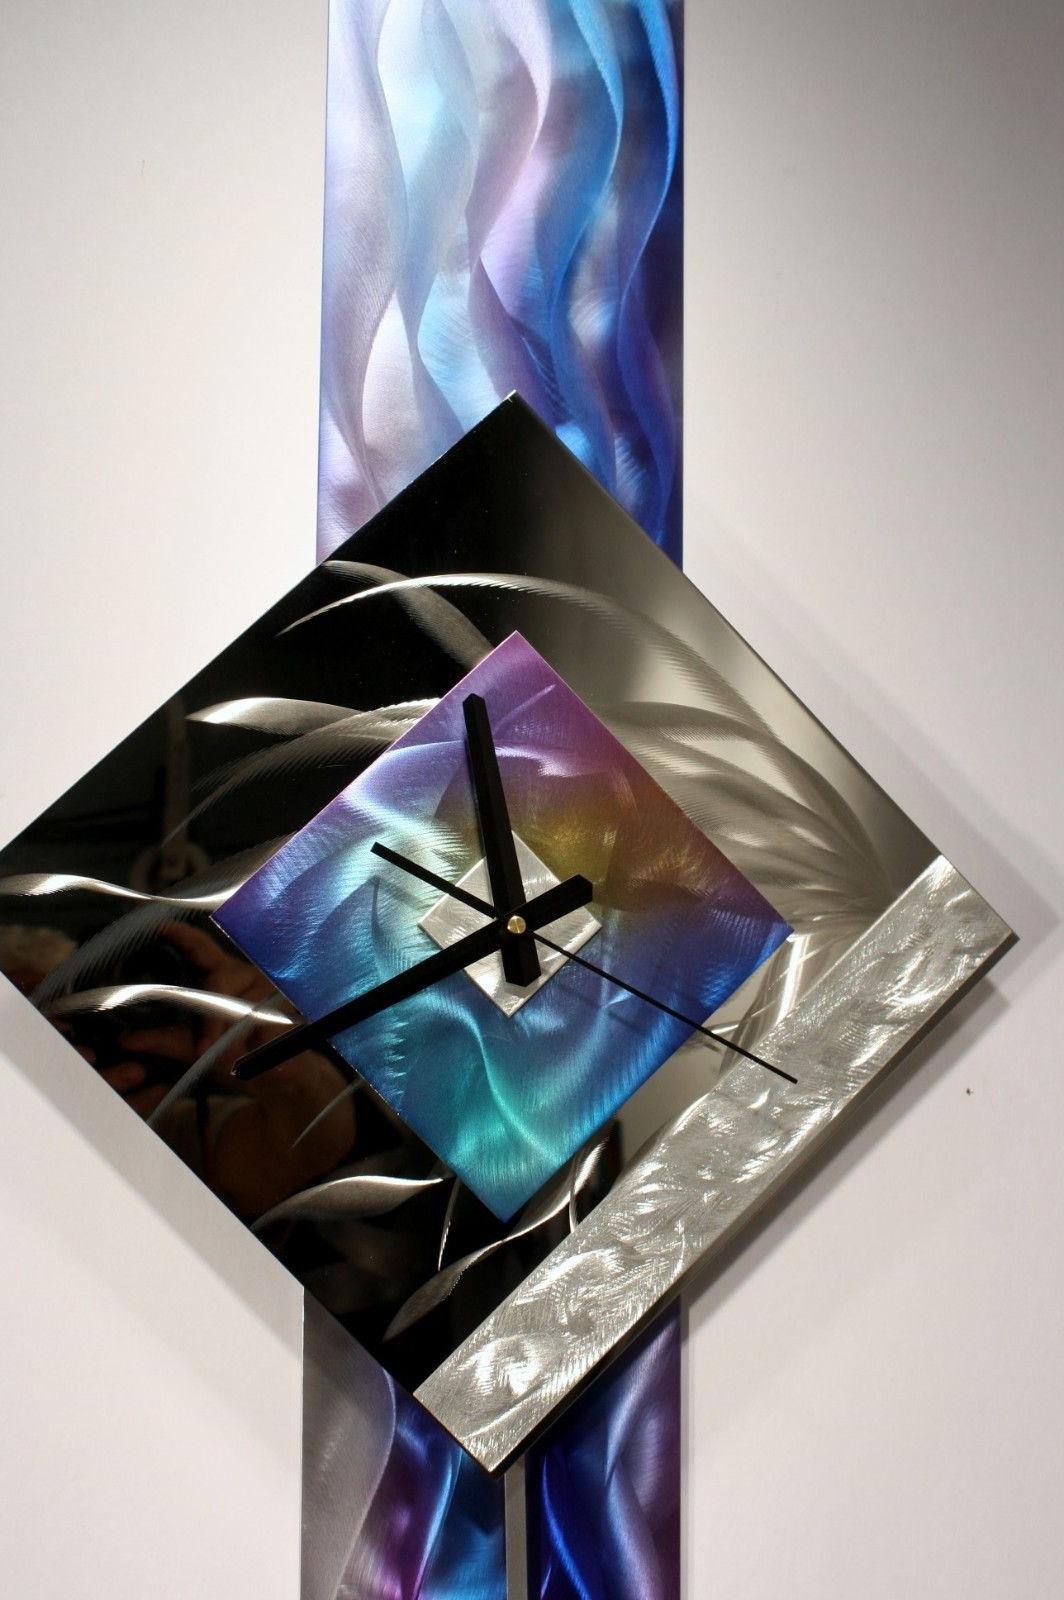 Well Known Modern Metal Wall Art Regarding Modern Metal Wall Art Pendulum Clock Abstract Sculpture Decor (View 13 of 15)